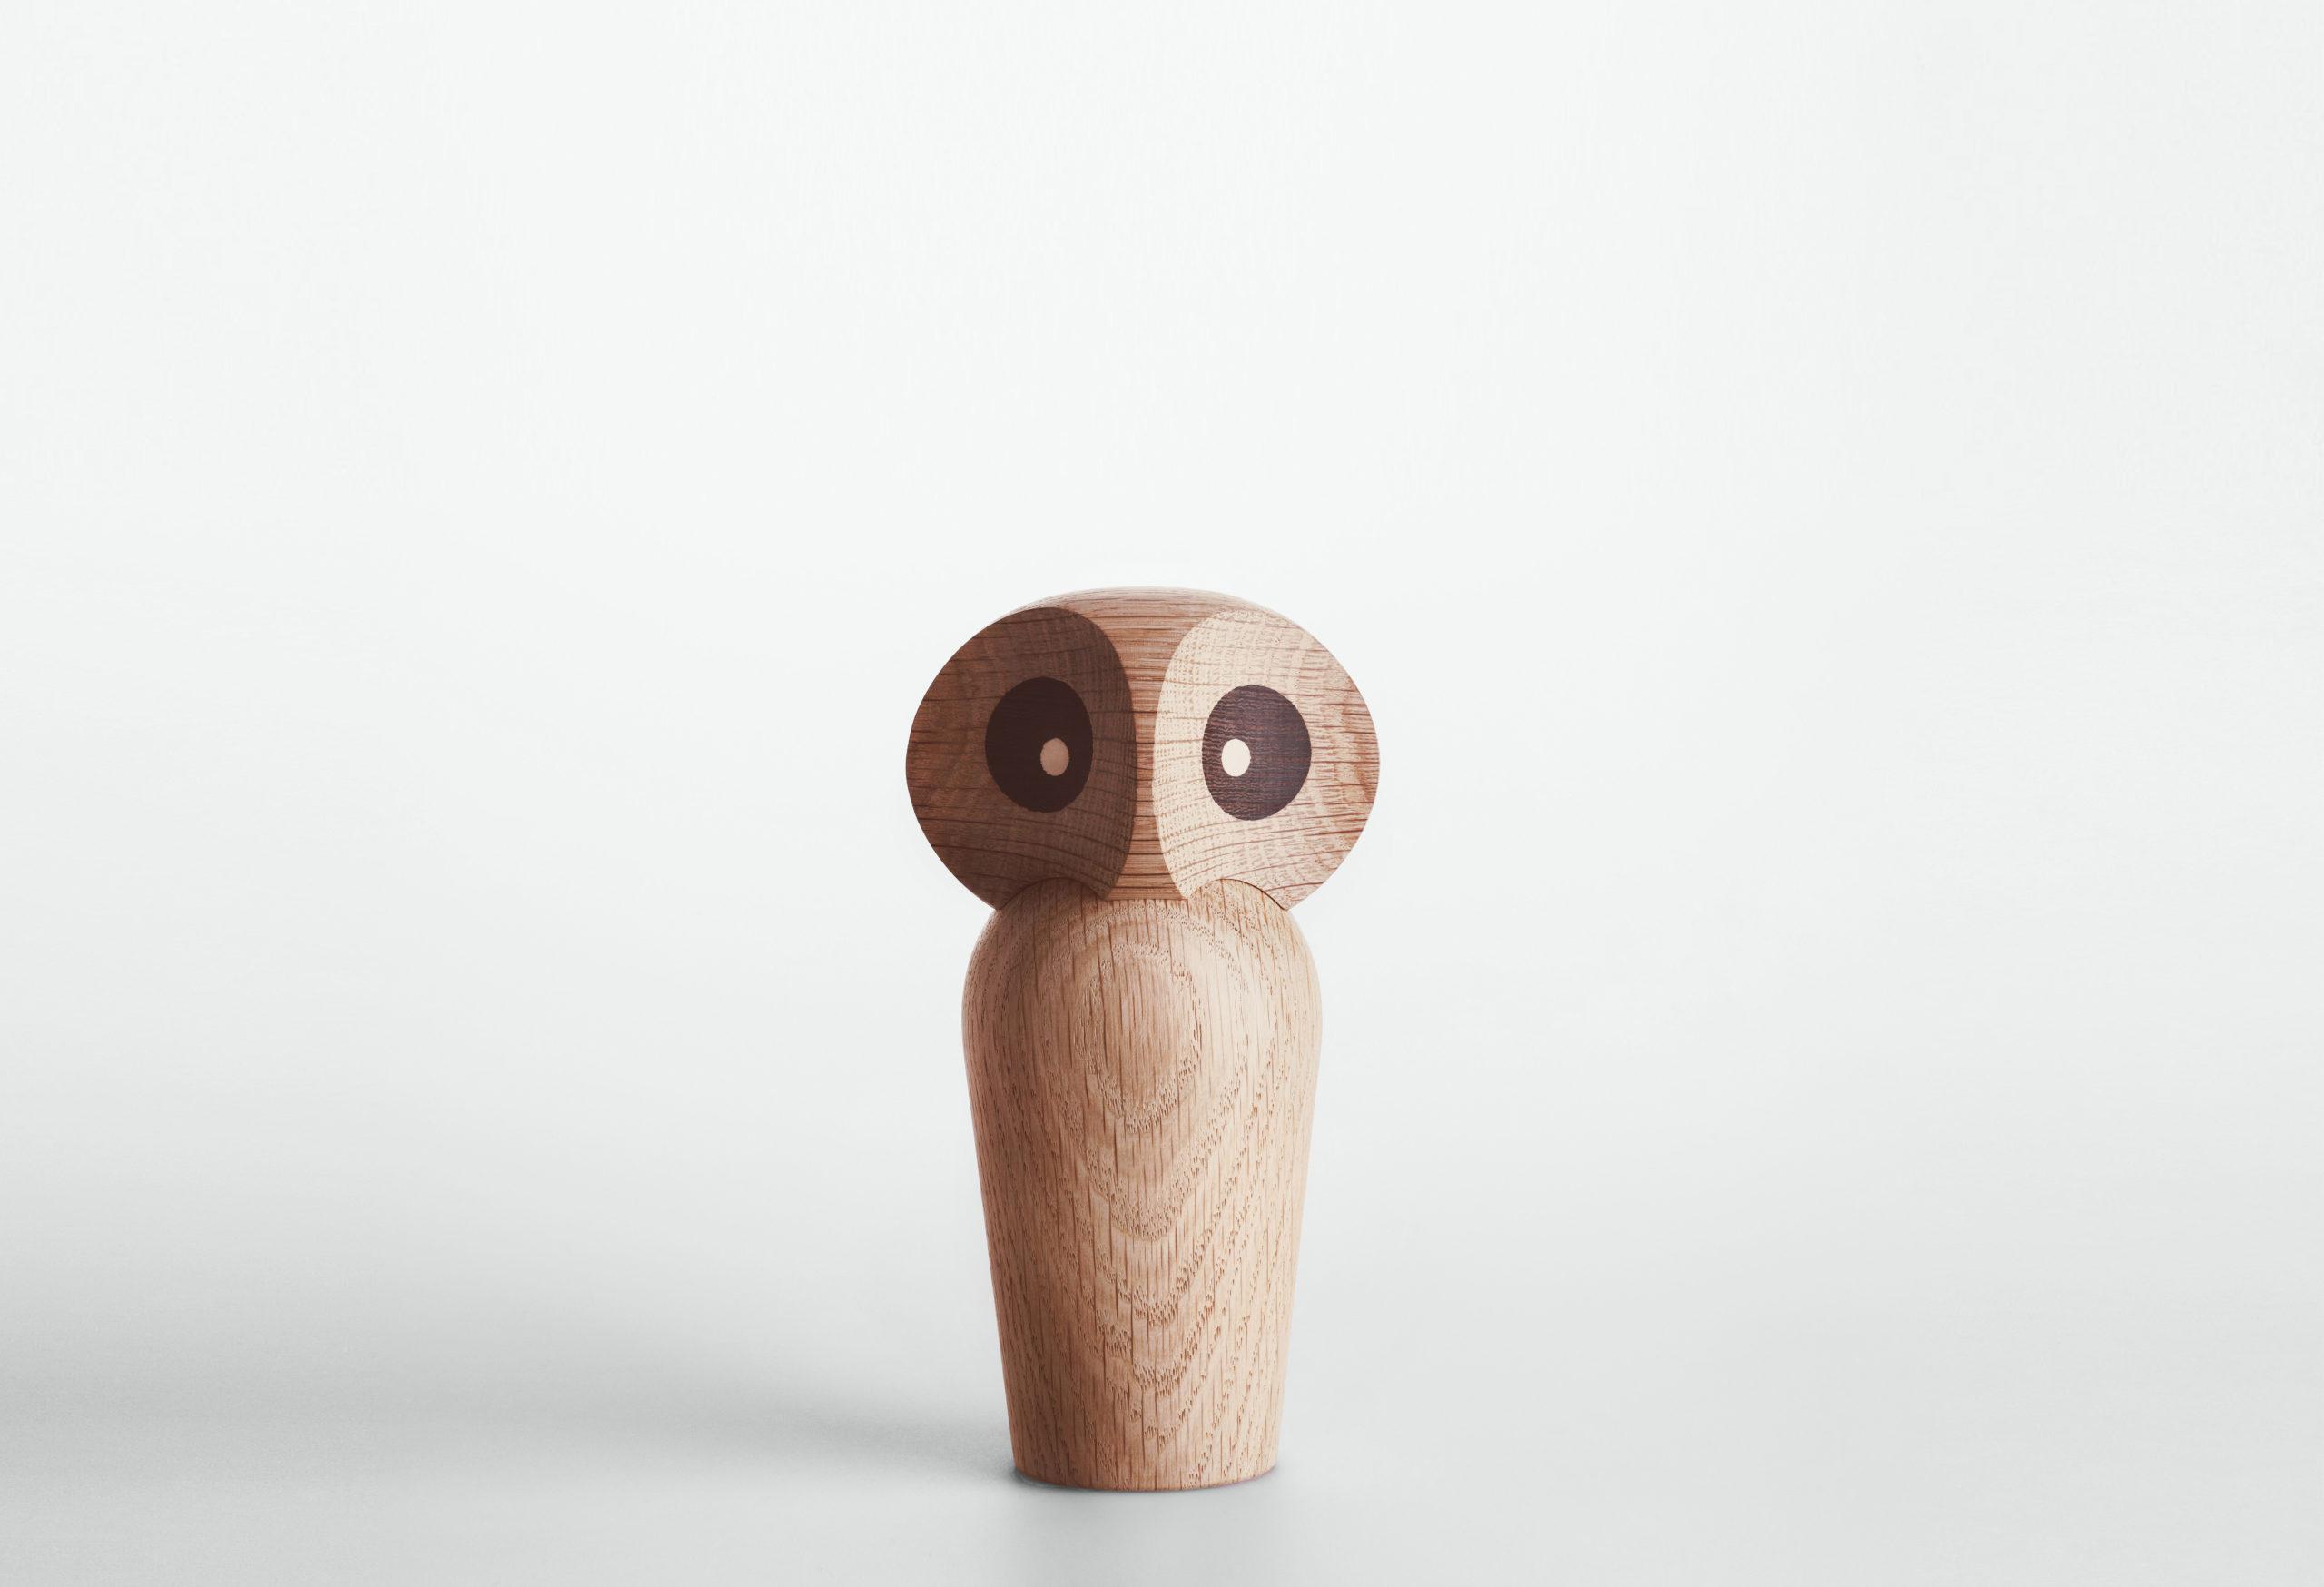 ARCHITECTMADE Owl Small Natural Oak Wood Paul Anker Hansen